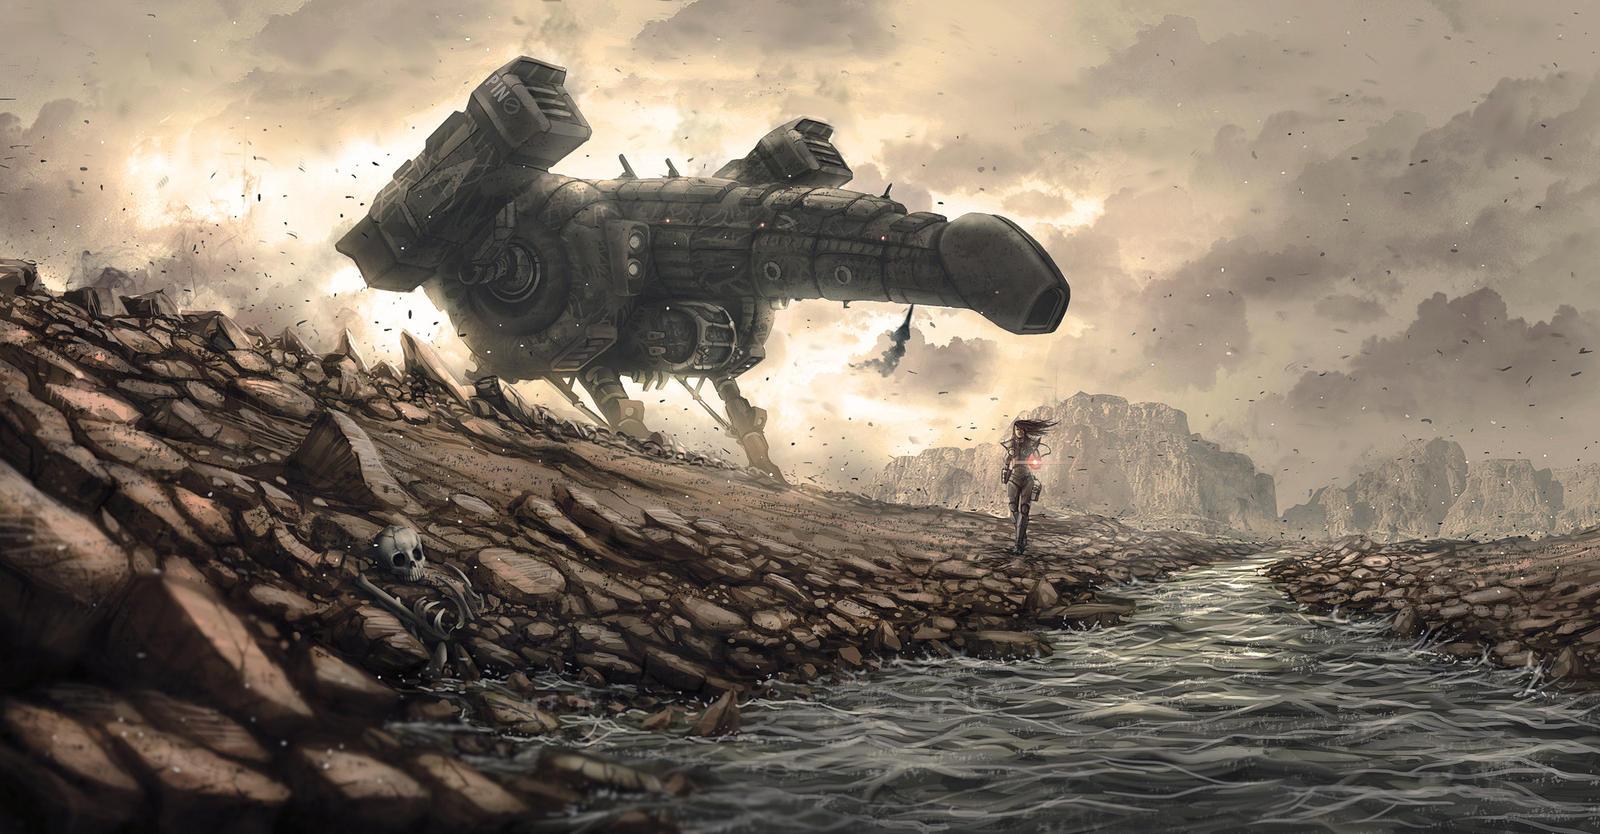 The warrior Ship penis by badillafloyd